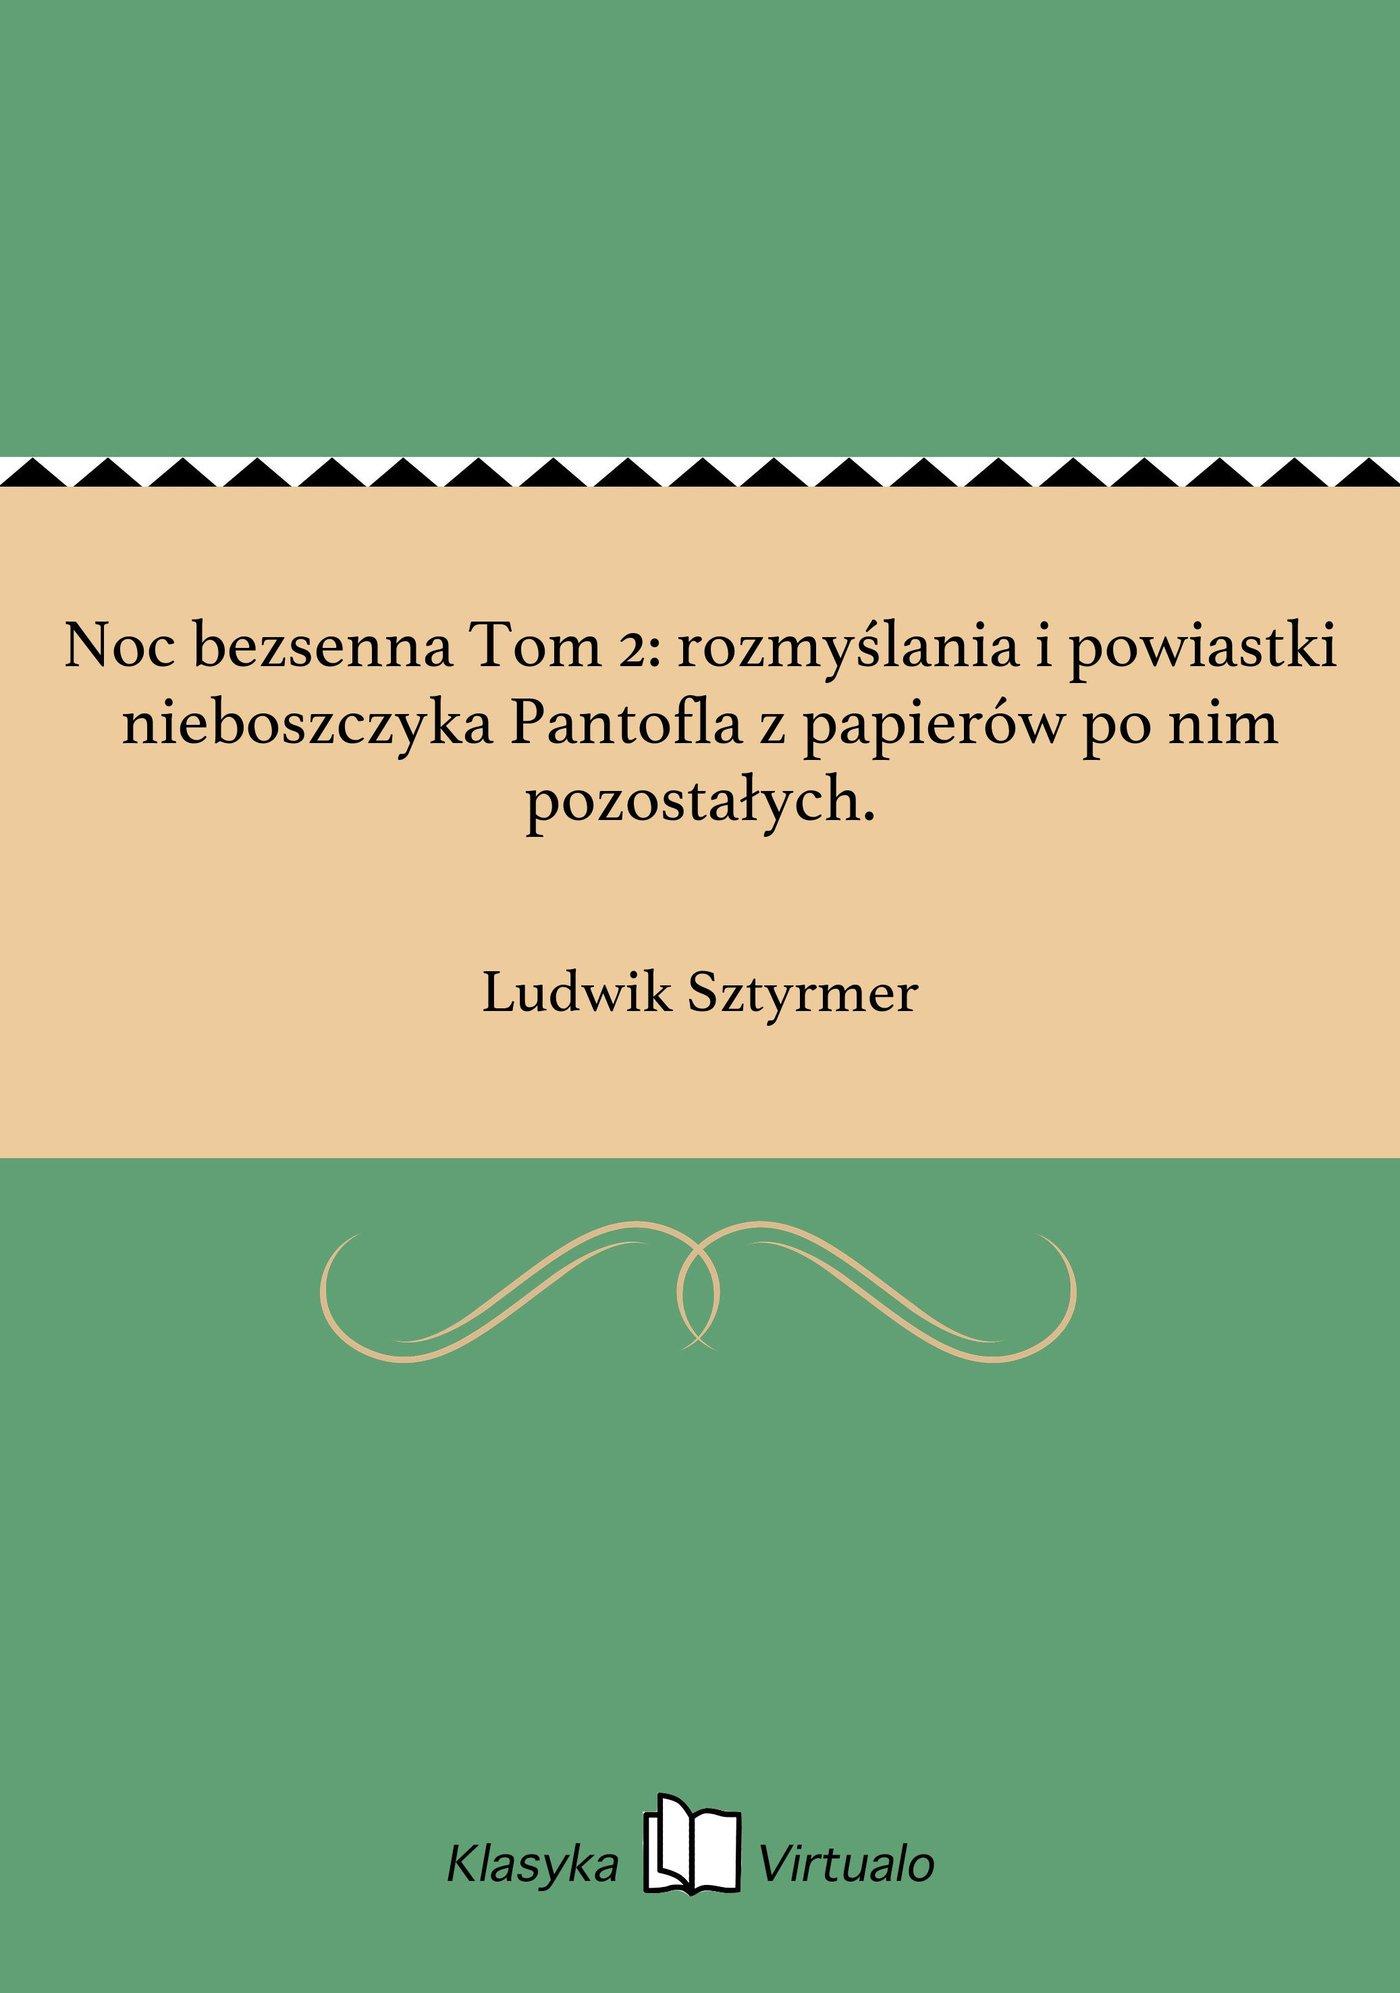 Noc bezsenna Tom 2: rozmyślania i powiastki nieboszczyka Pantofla z papierów po nim pozostałych. - Ebook (Książka EPUB) do pobrania w formacie EPUB